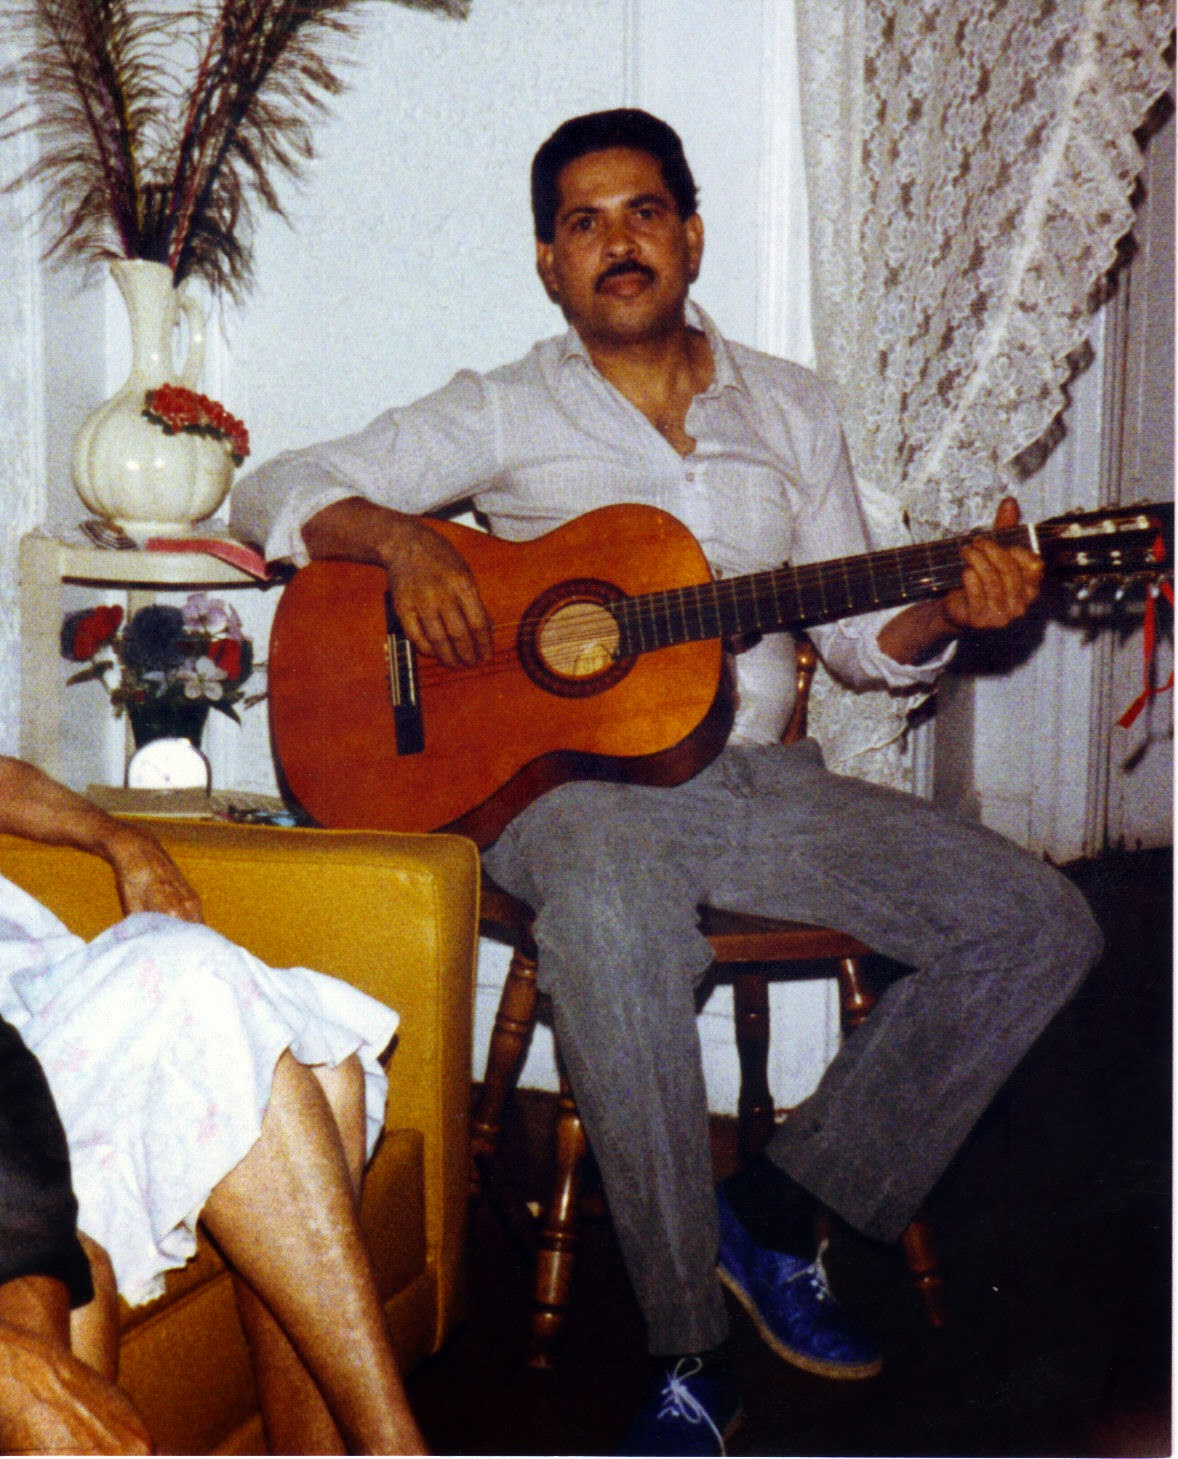 Tio Pilo, Christopher Abreu